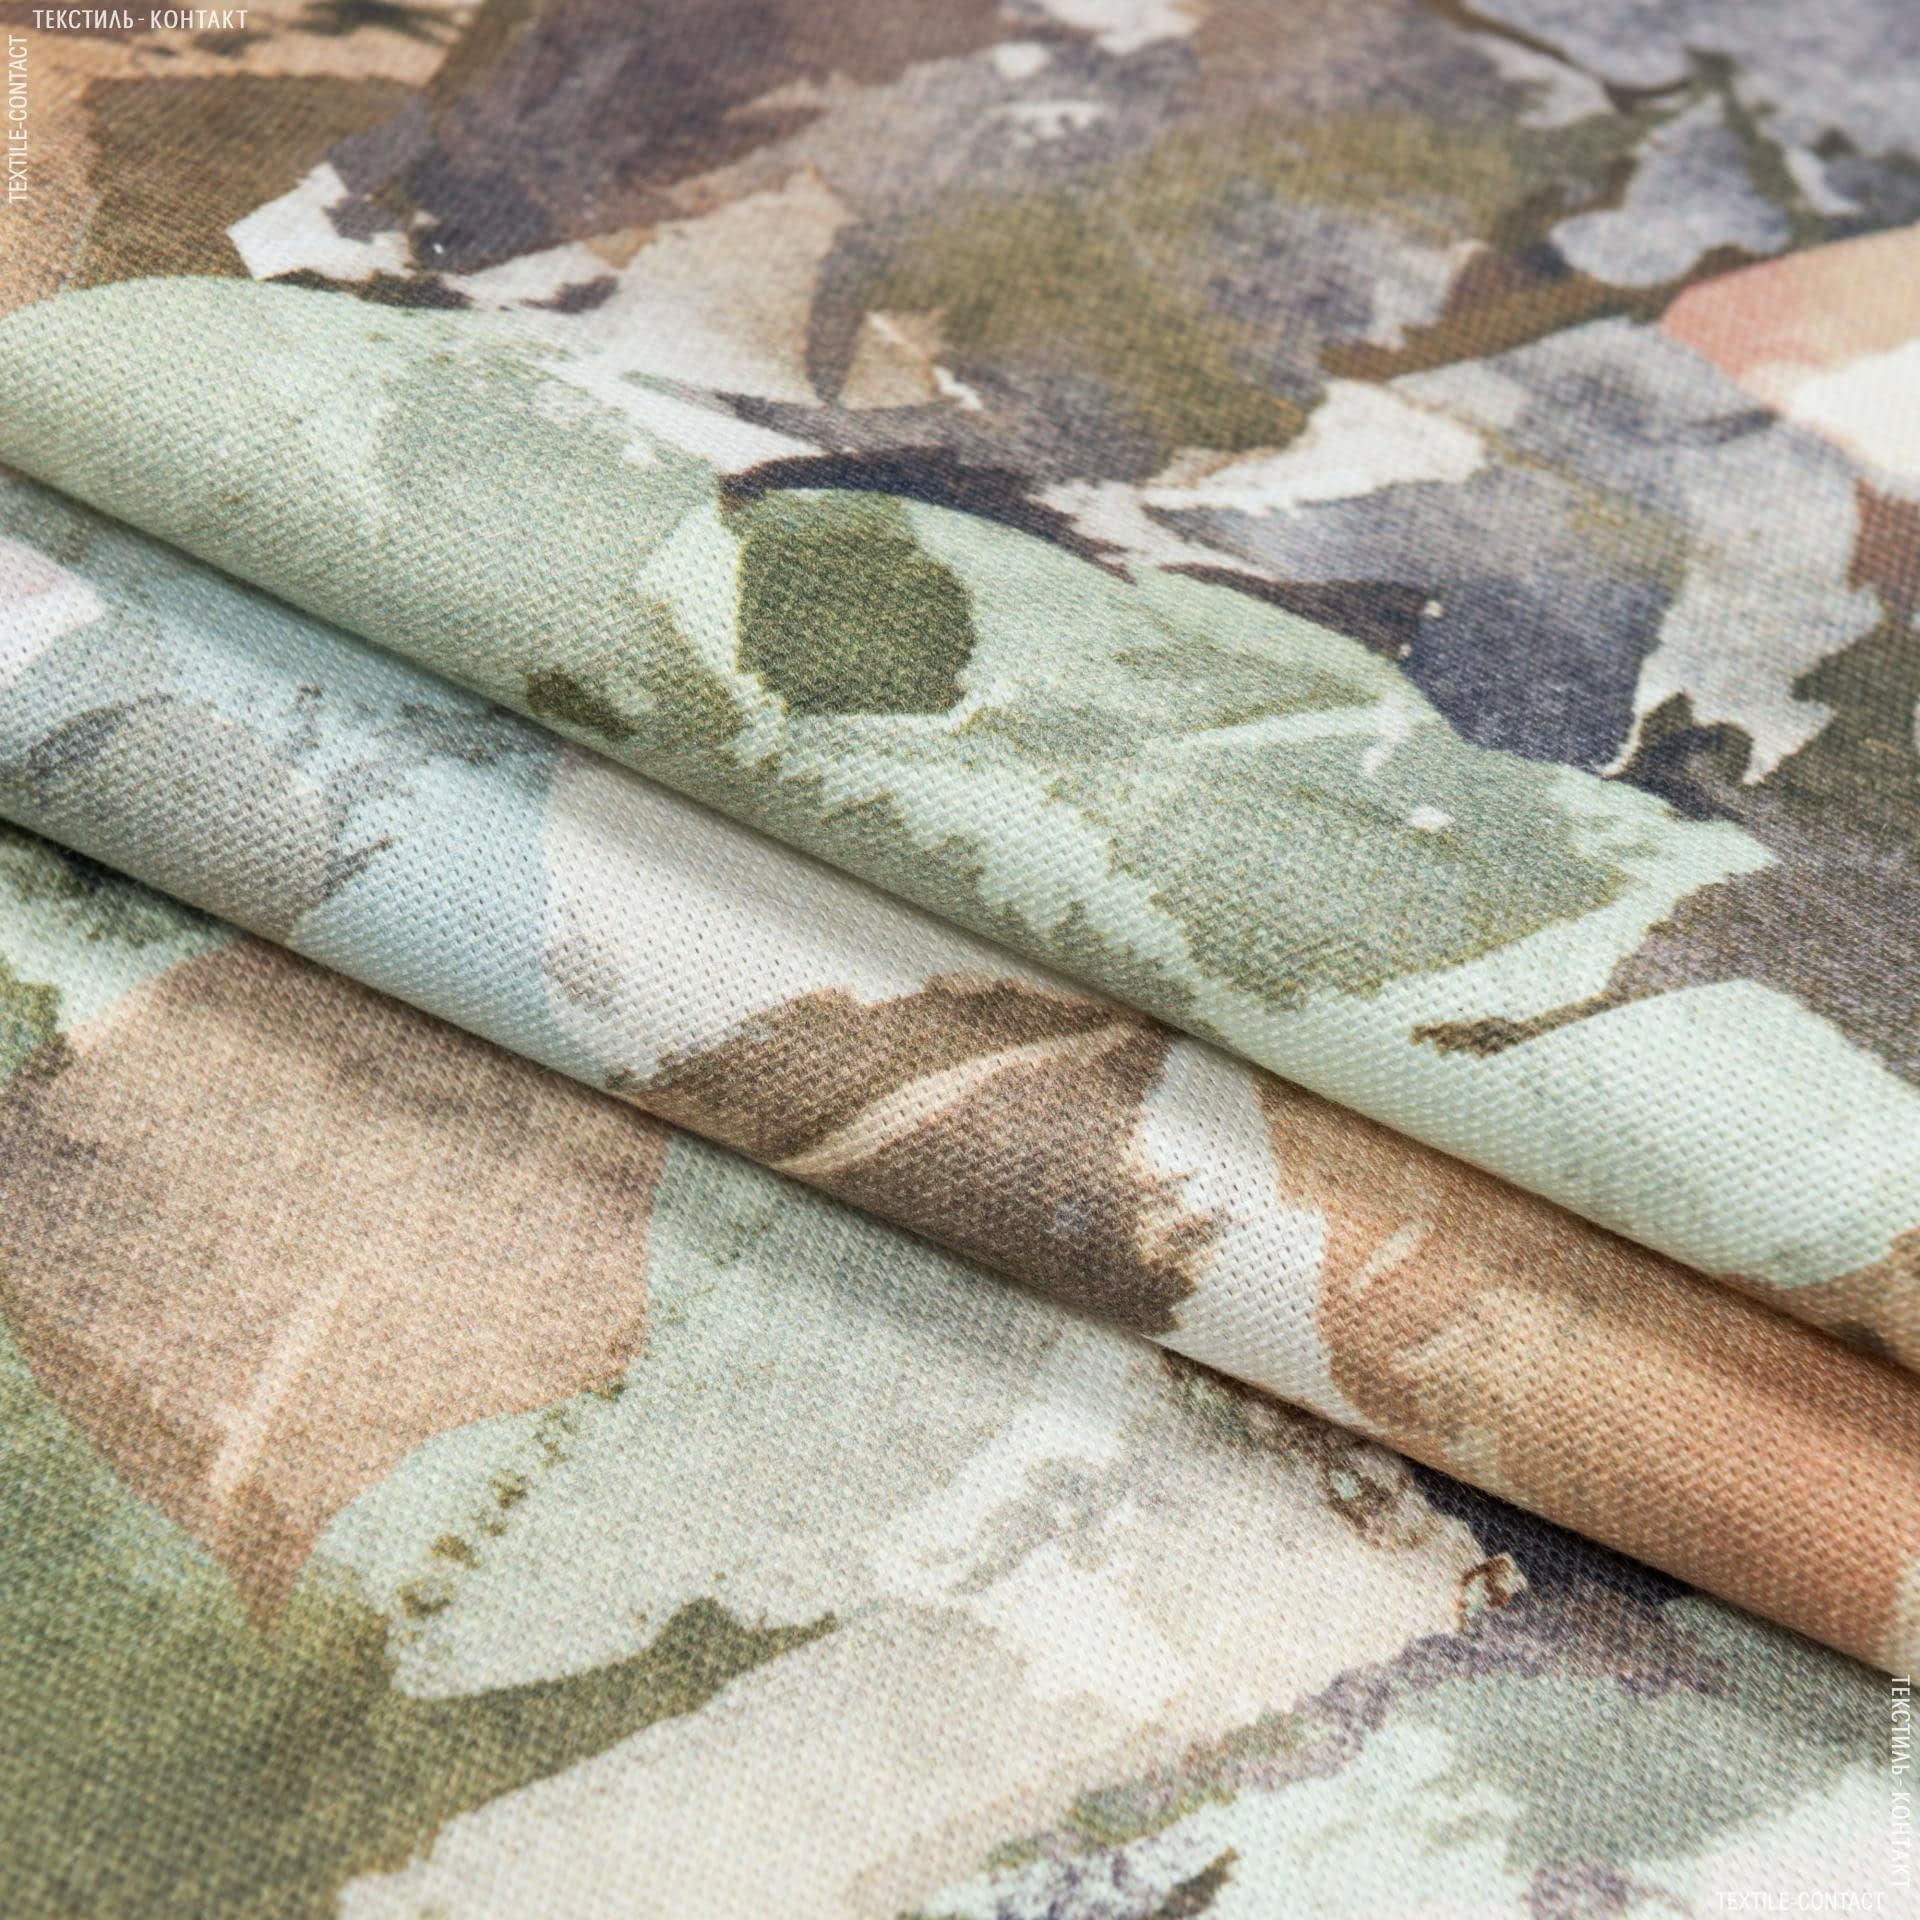 Ткани портьерные ткани - Декоративная ткань росас картина/rosas    беж,зеленый